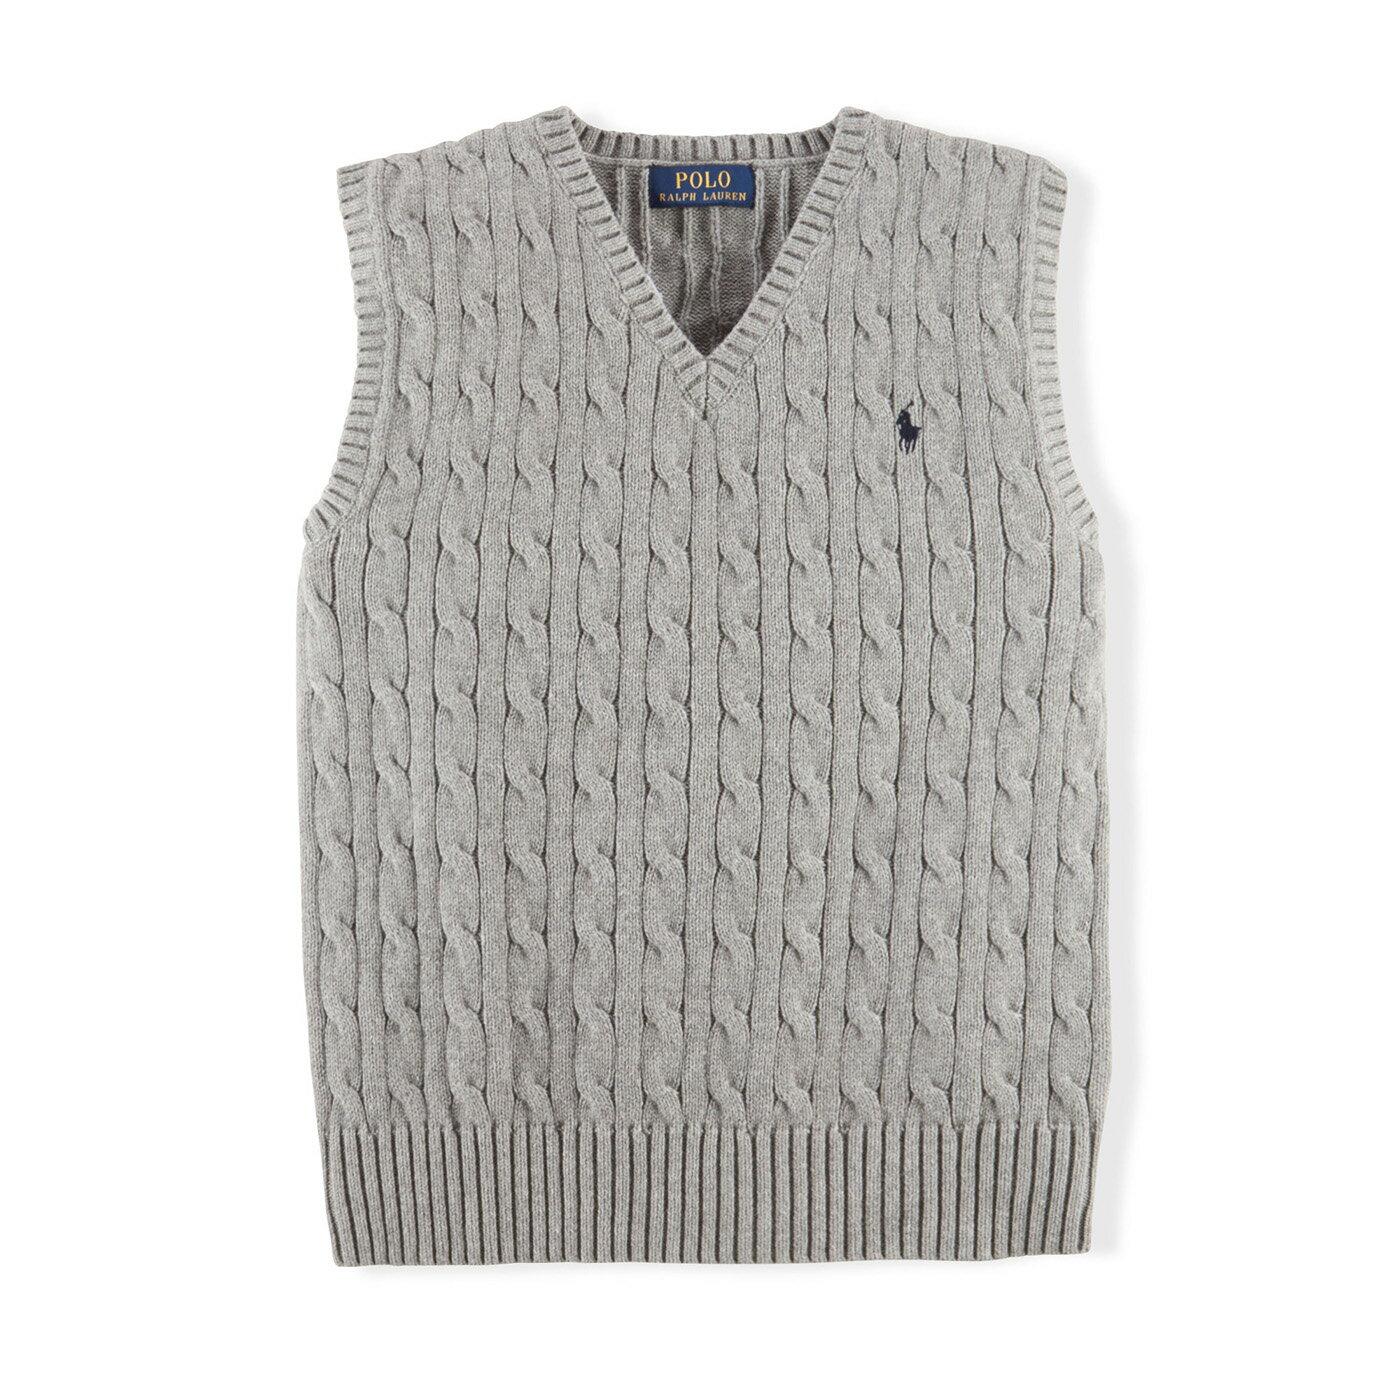 美國百分百【全新真品】Ralph Lauren 麻花 針織衫 RL 背心 上衣 Polo 小馬 XS S號 灰色 C085